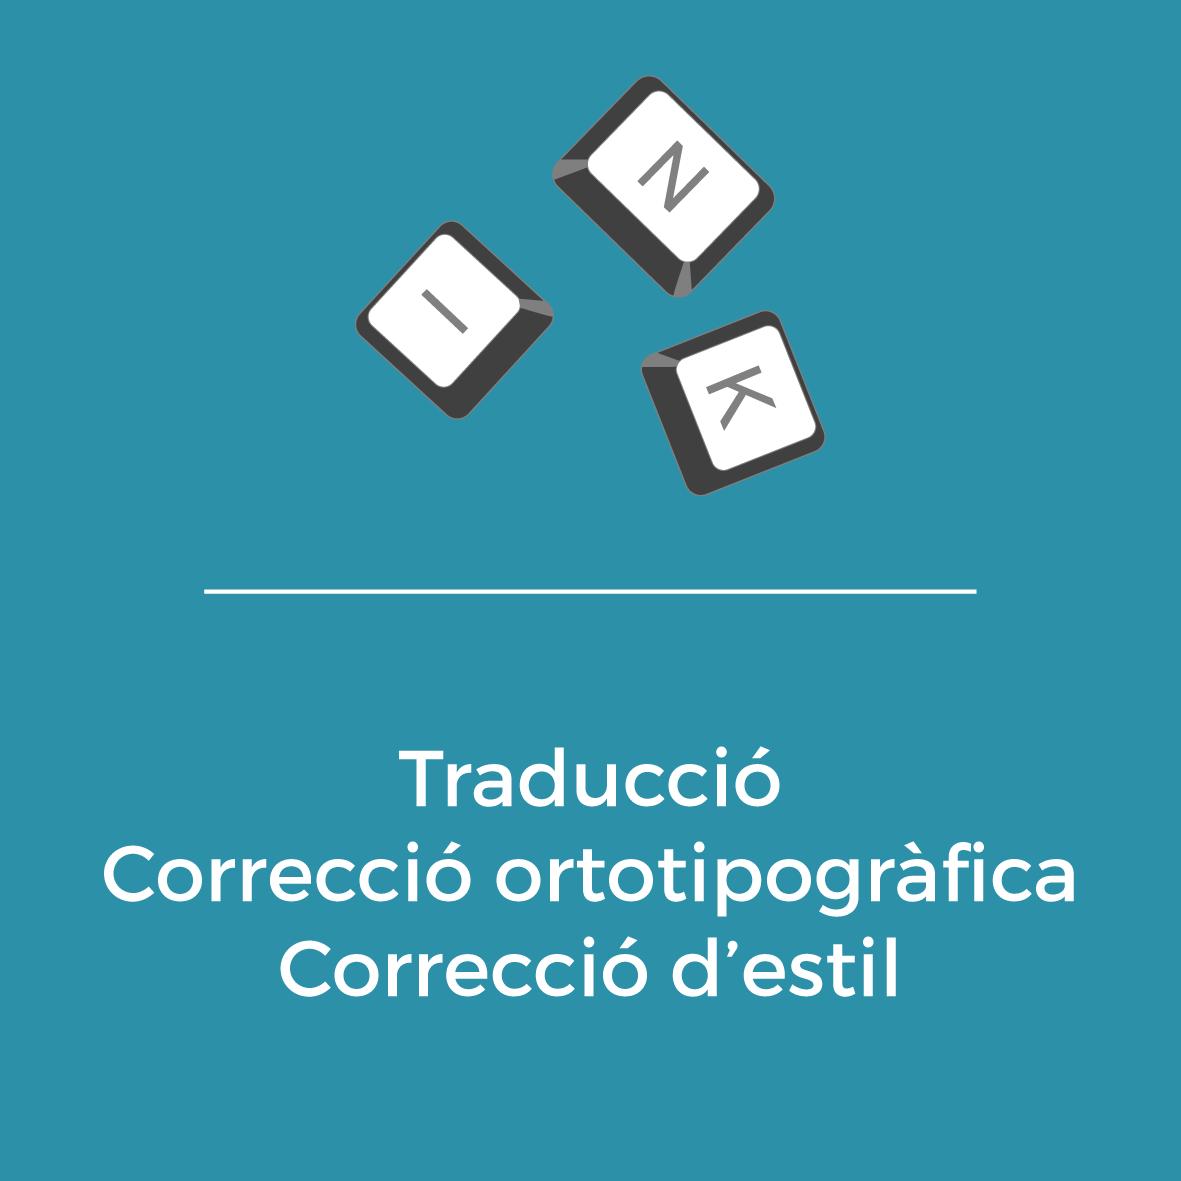 Serveis - Traducció -Correcció ortotipogràfica - Correció d'estil